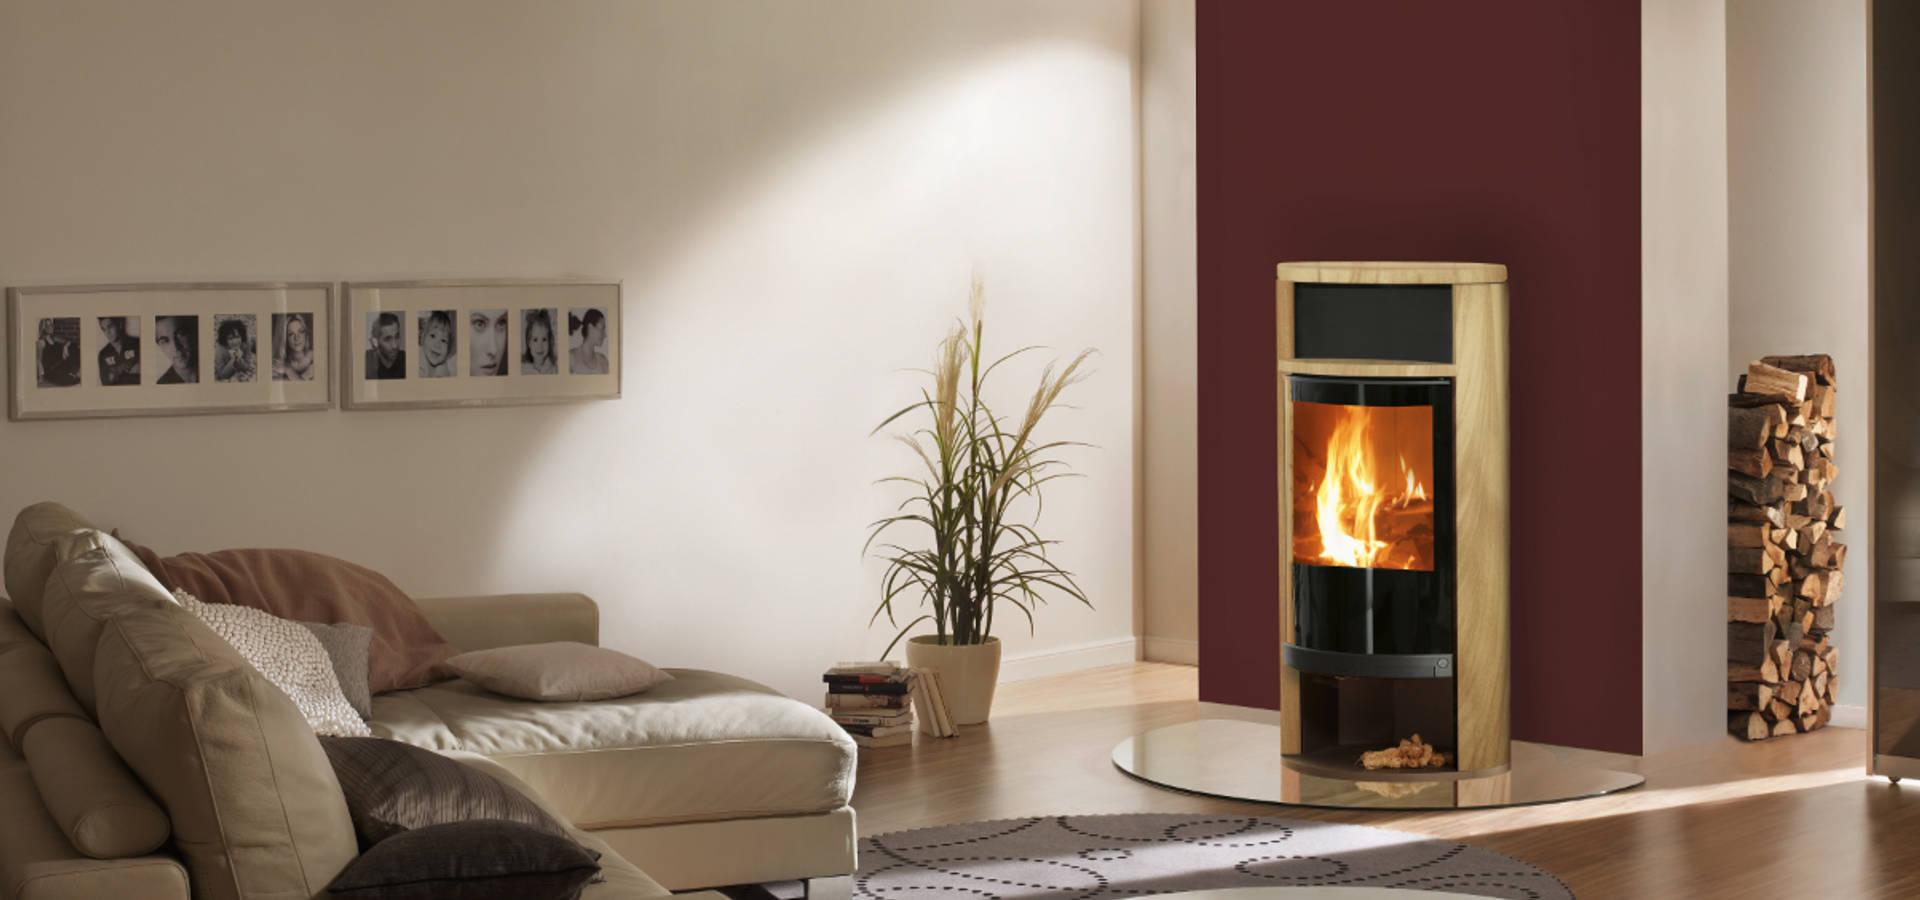 kamin mit spartherm kamineinsatz by kachelofen kamin homify. Black Bedroom Furniture Sets. Home Design Ideas